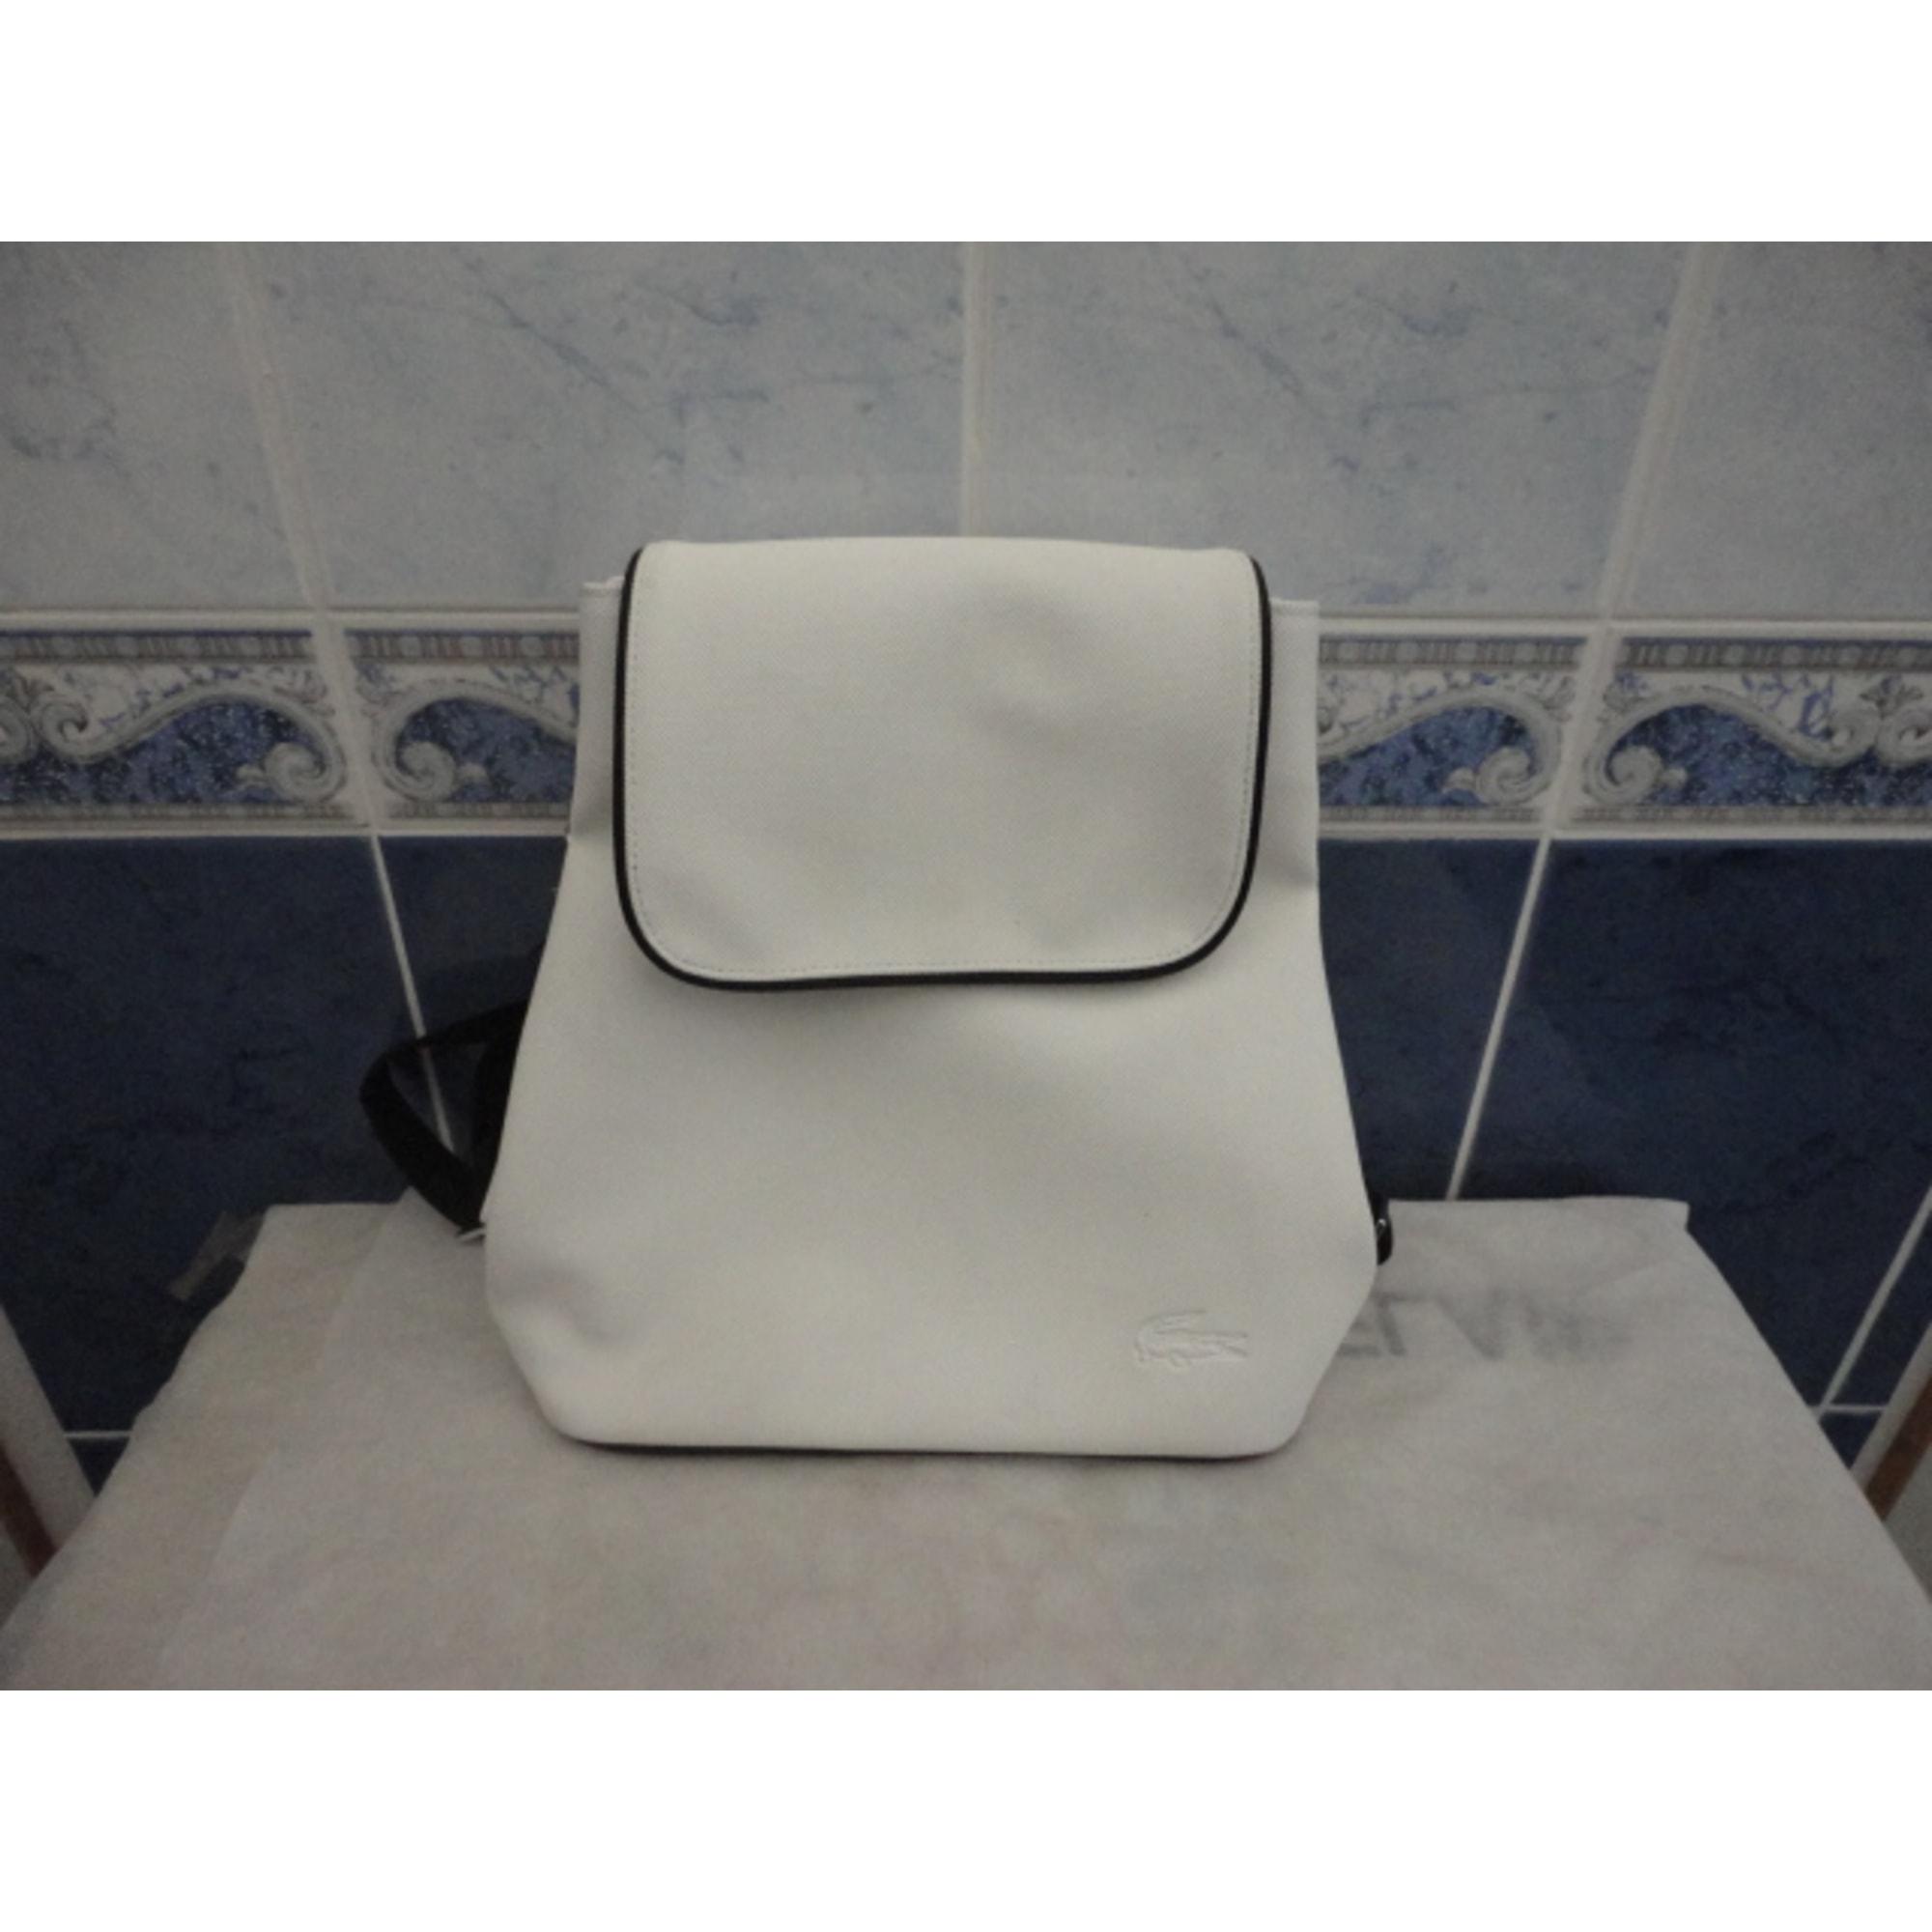 c8db47ace5 Blanc 2802620 Cuir Bandoulière Sac En Lacoste rdthQsC